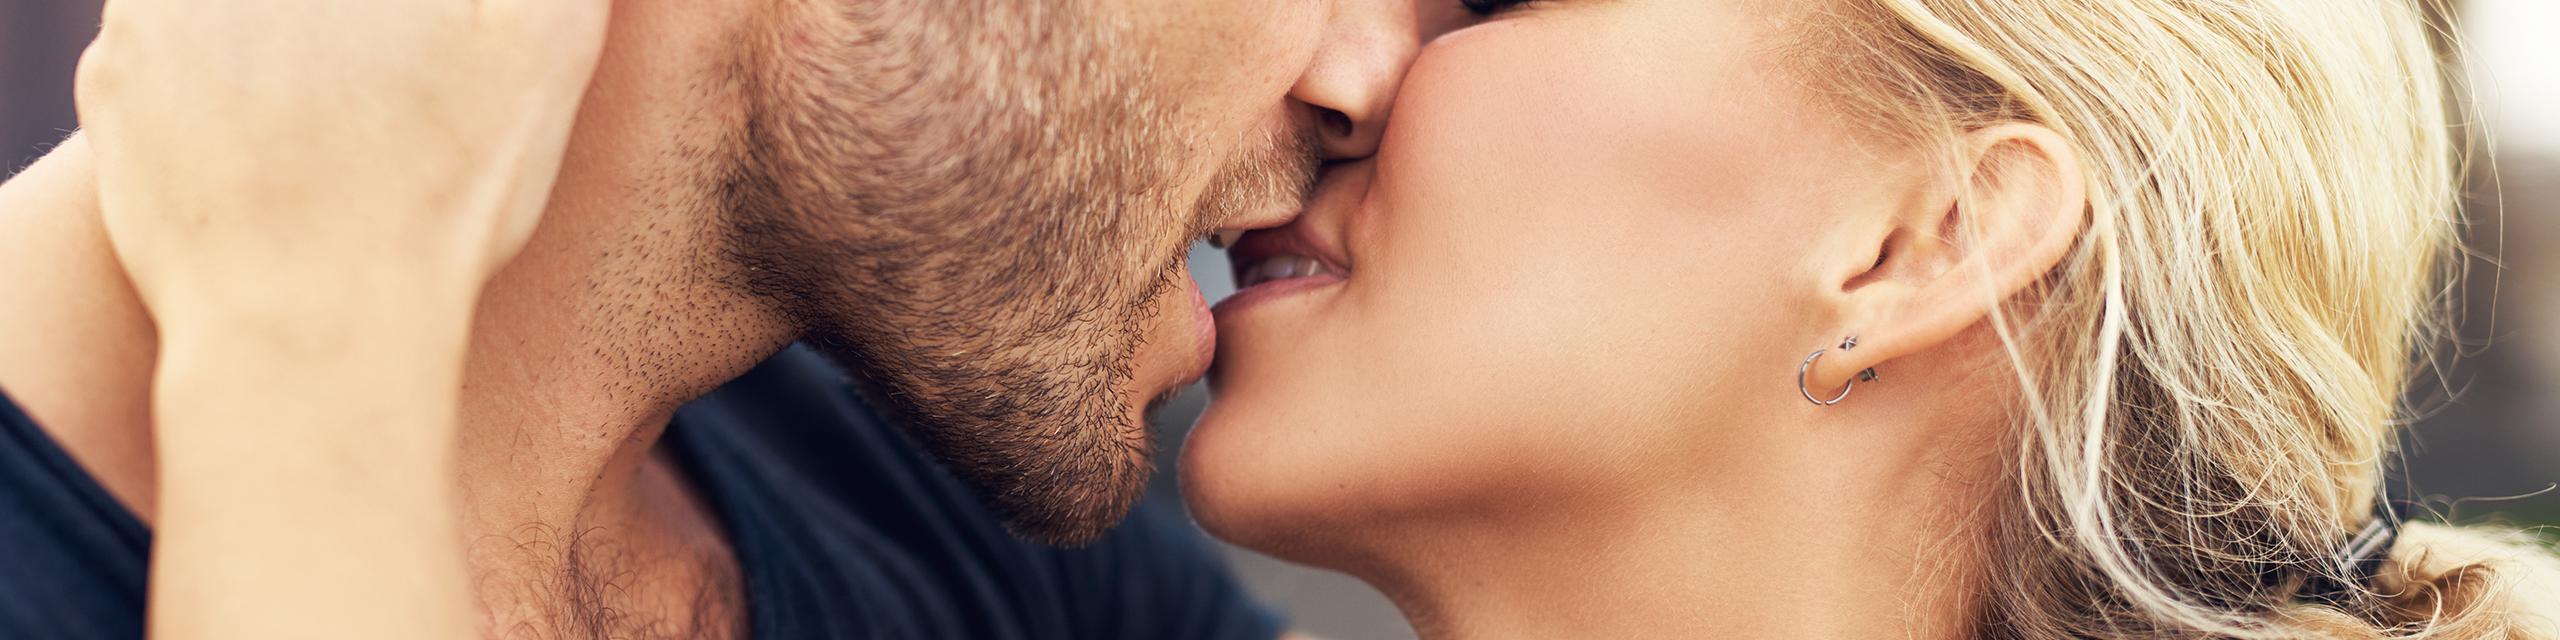 Breng jij genoeg variatie tijdens het kussen?